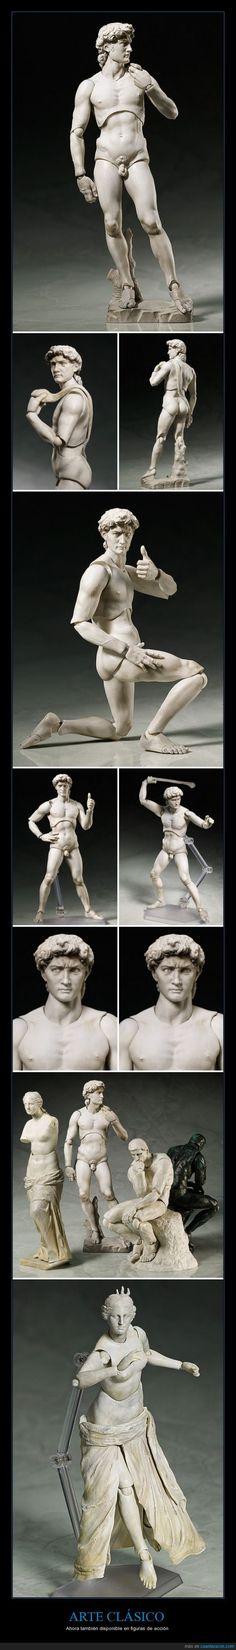 ARTE CLÁSICO - Ahora también disponible en figuras de acción   Gracias a http://www.cuantarazon.com/   Si quieres leer la noticia completa visita: http://www.estoy-aburrido.com/arte-clasico-ahora-tambien-disponible-en-figuras-de-accion/